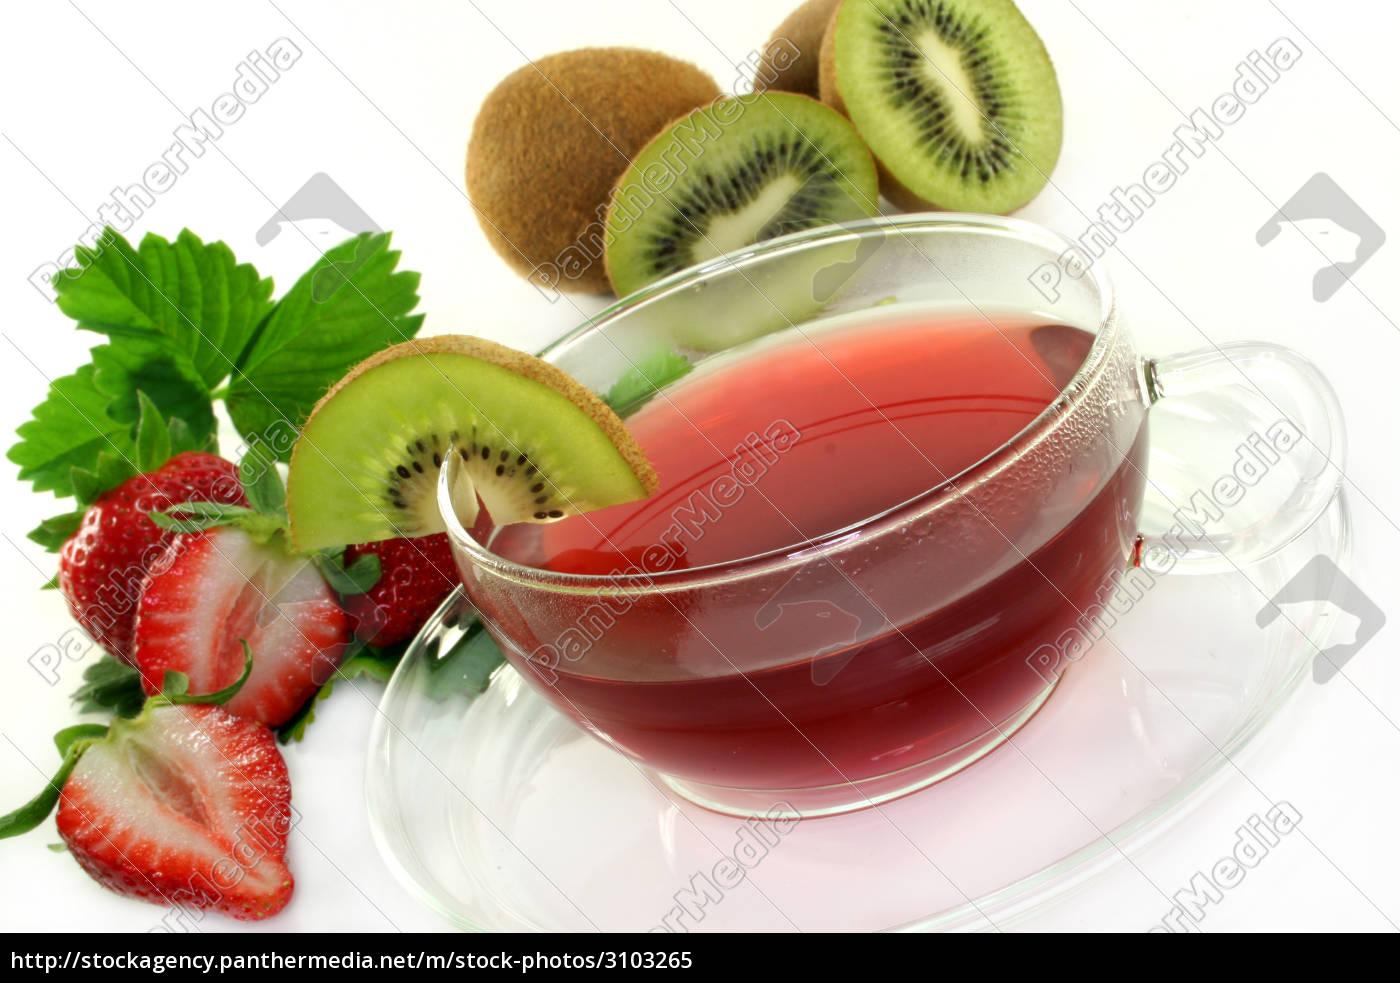 strawberry, kiwi, tea - 3103265